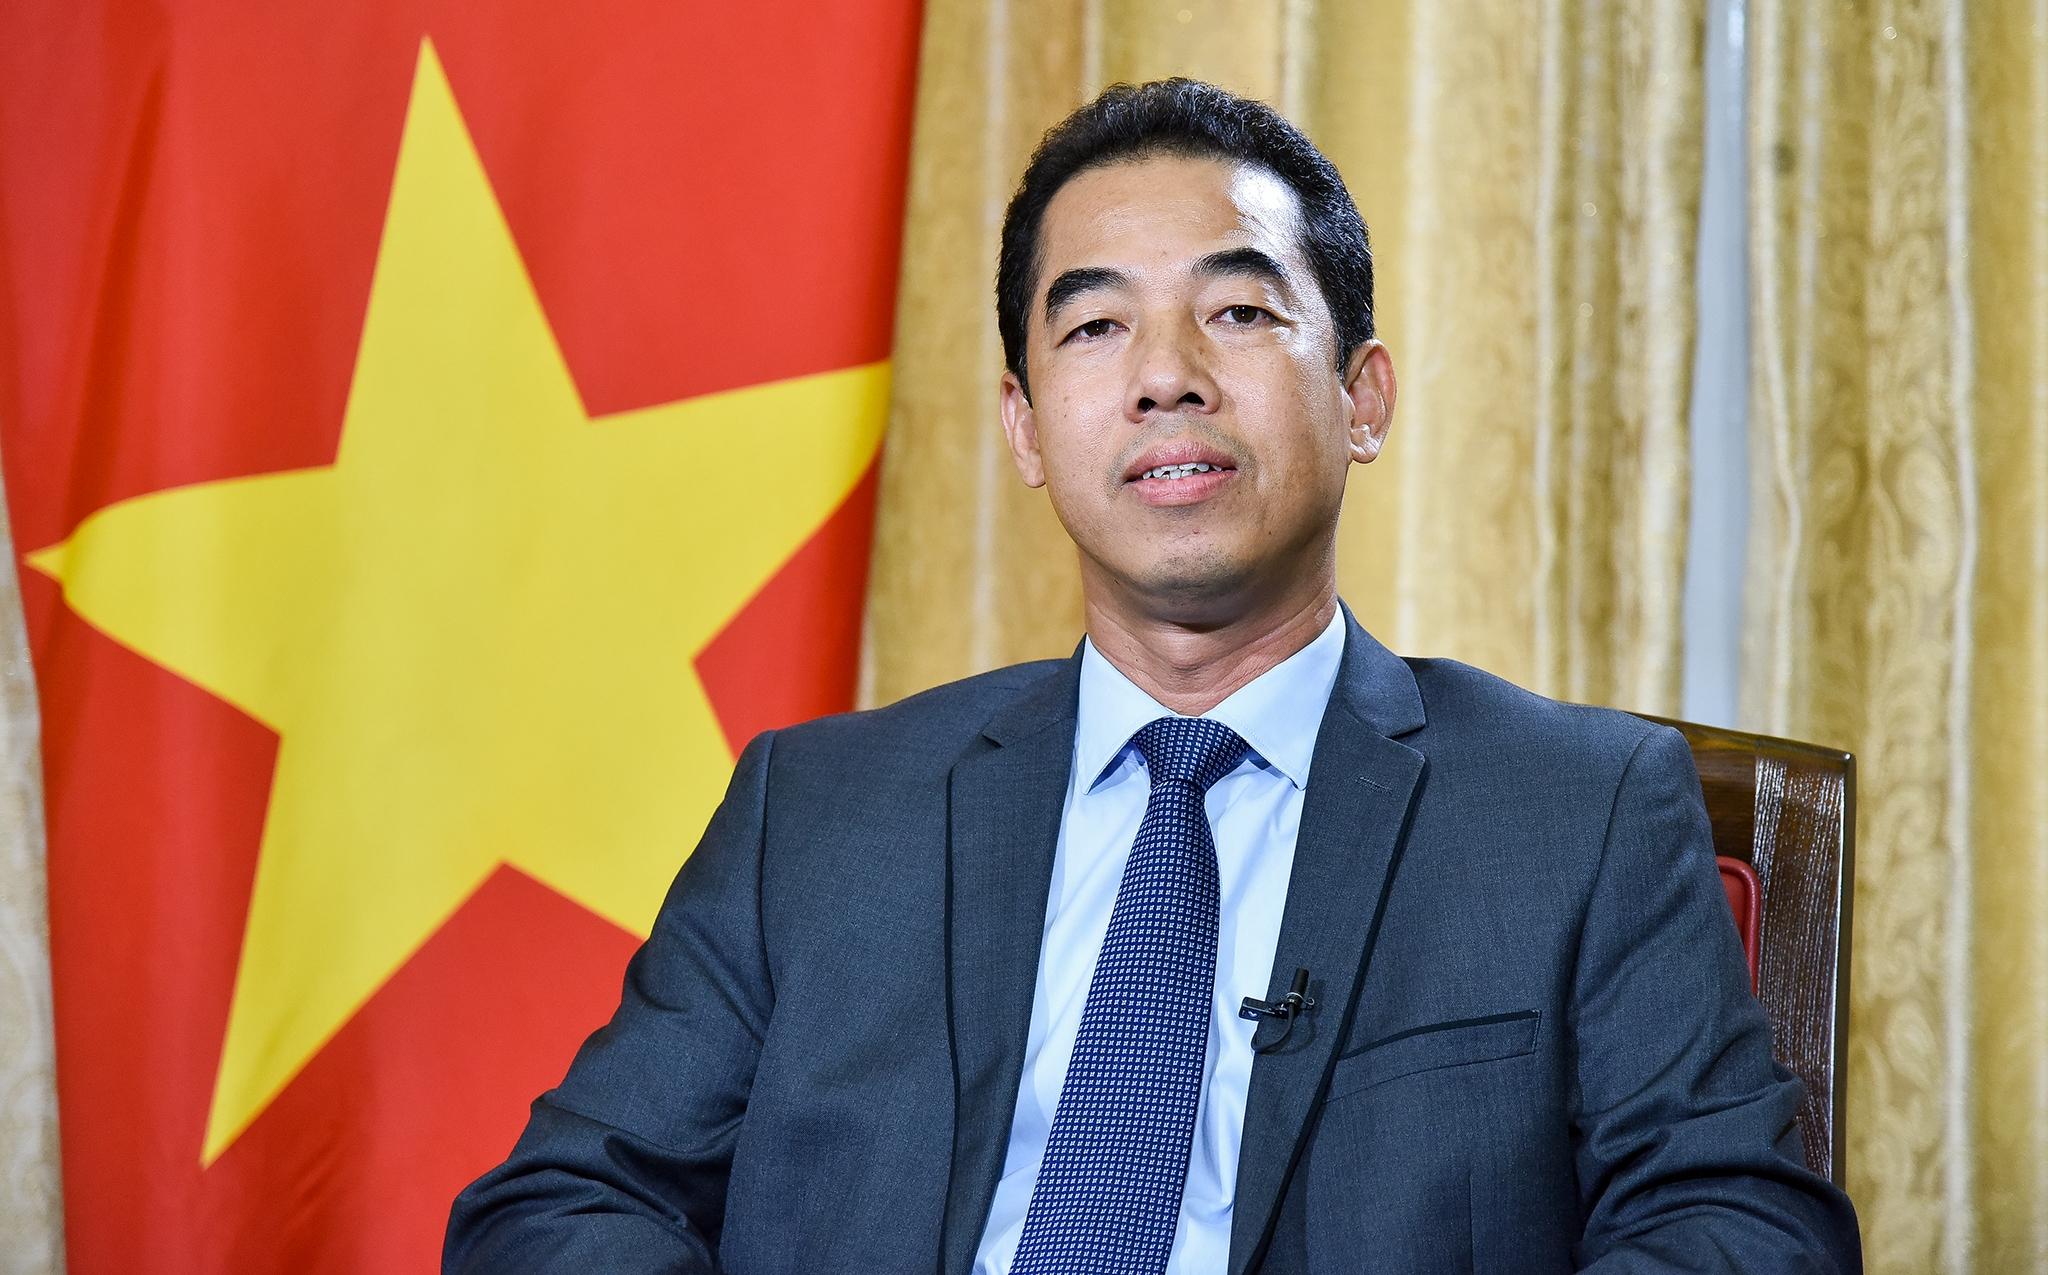 Bài viết của Thứ trưởng Ngoại giao Tô Anh Dũng Nhân kỷ niệm 30 năm quan hệ ngoại giao Việt Nam-Liên minh Châu Âu